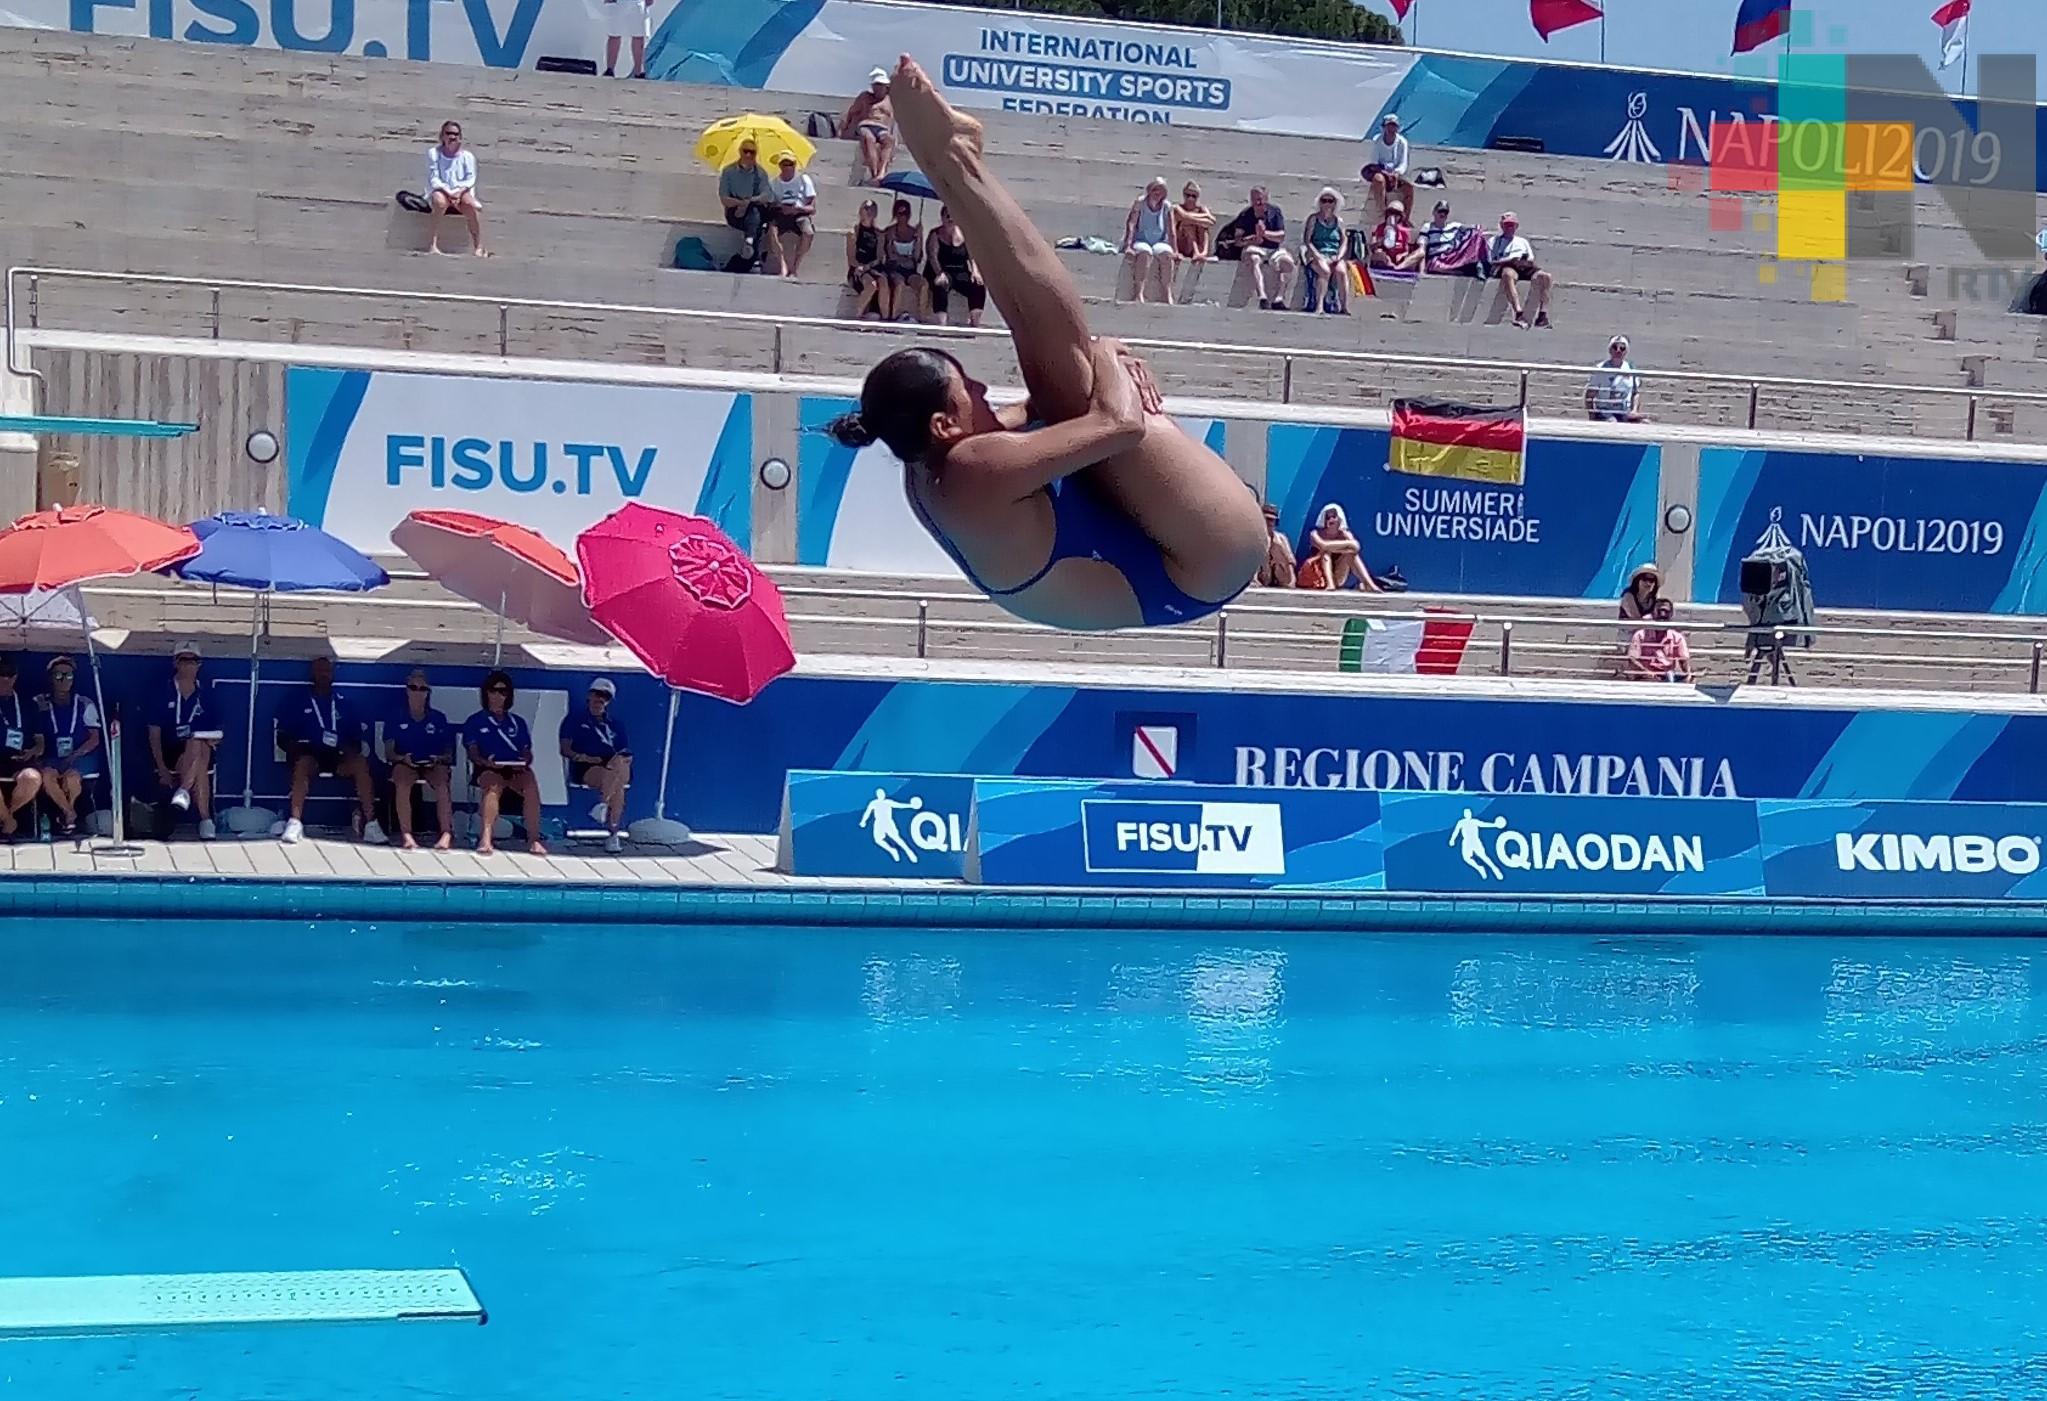 Dolores Hernández avanzó a semifinal de trampolín de Universiada Mundial